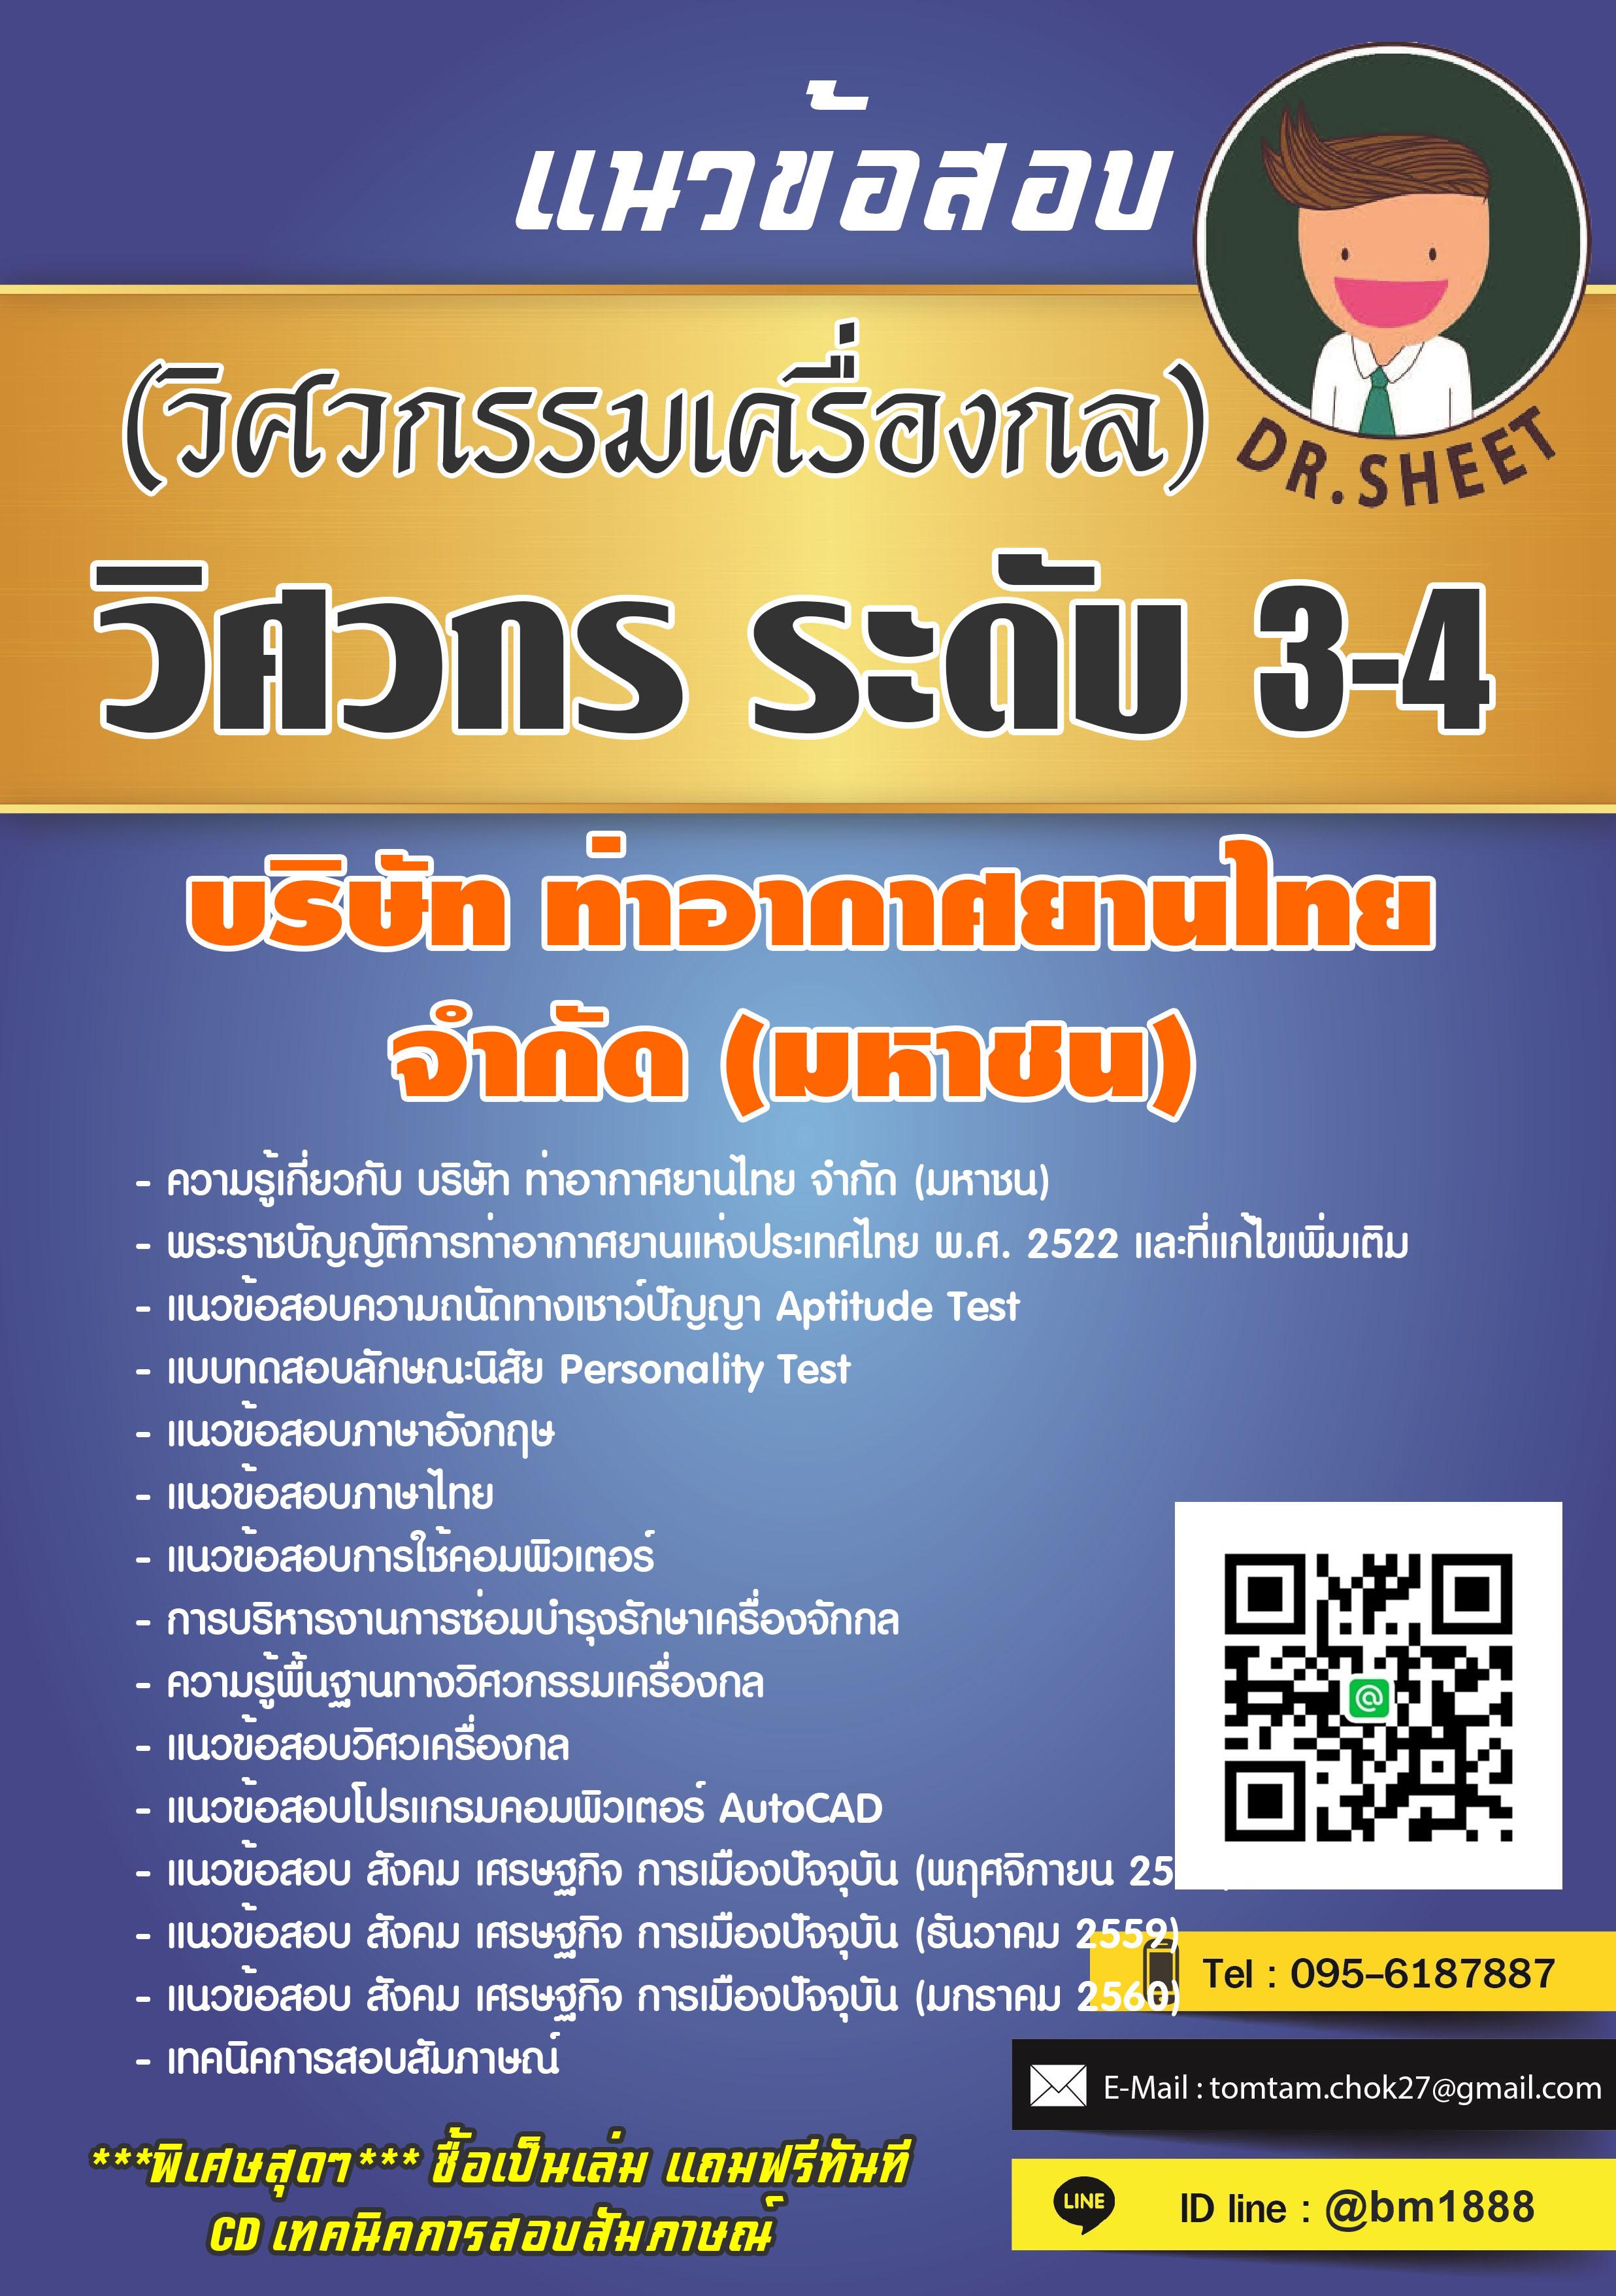 แนวข้อสอบ วิศวกร ระดับ 3-4 (วิศวกรรมเครื่องกล) บริษัท ท่าอากาศยานไทย จำกัด (มหาชน)